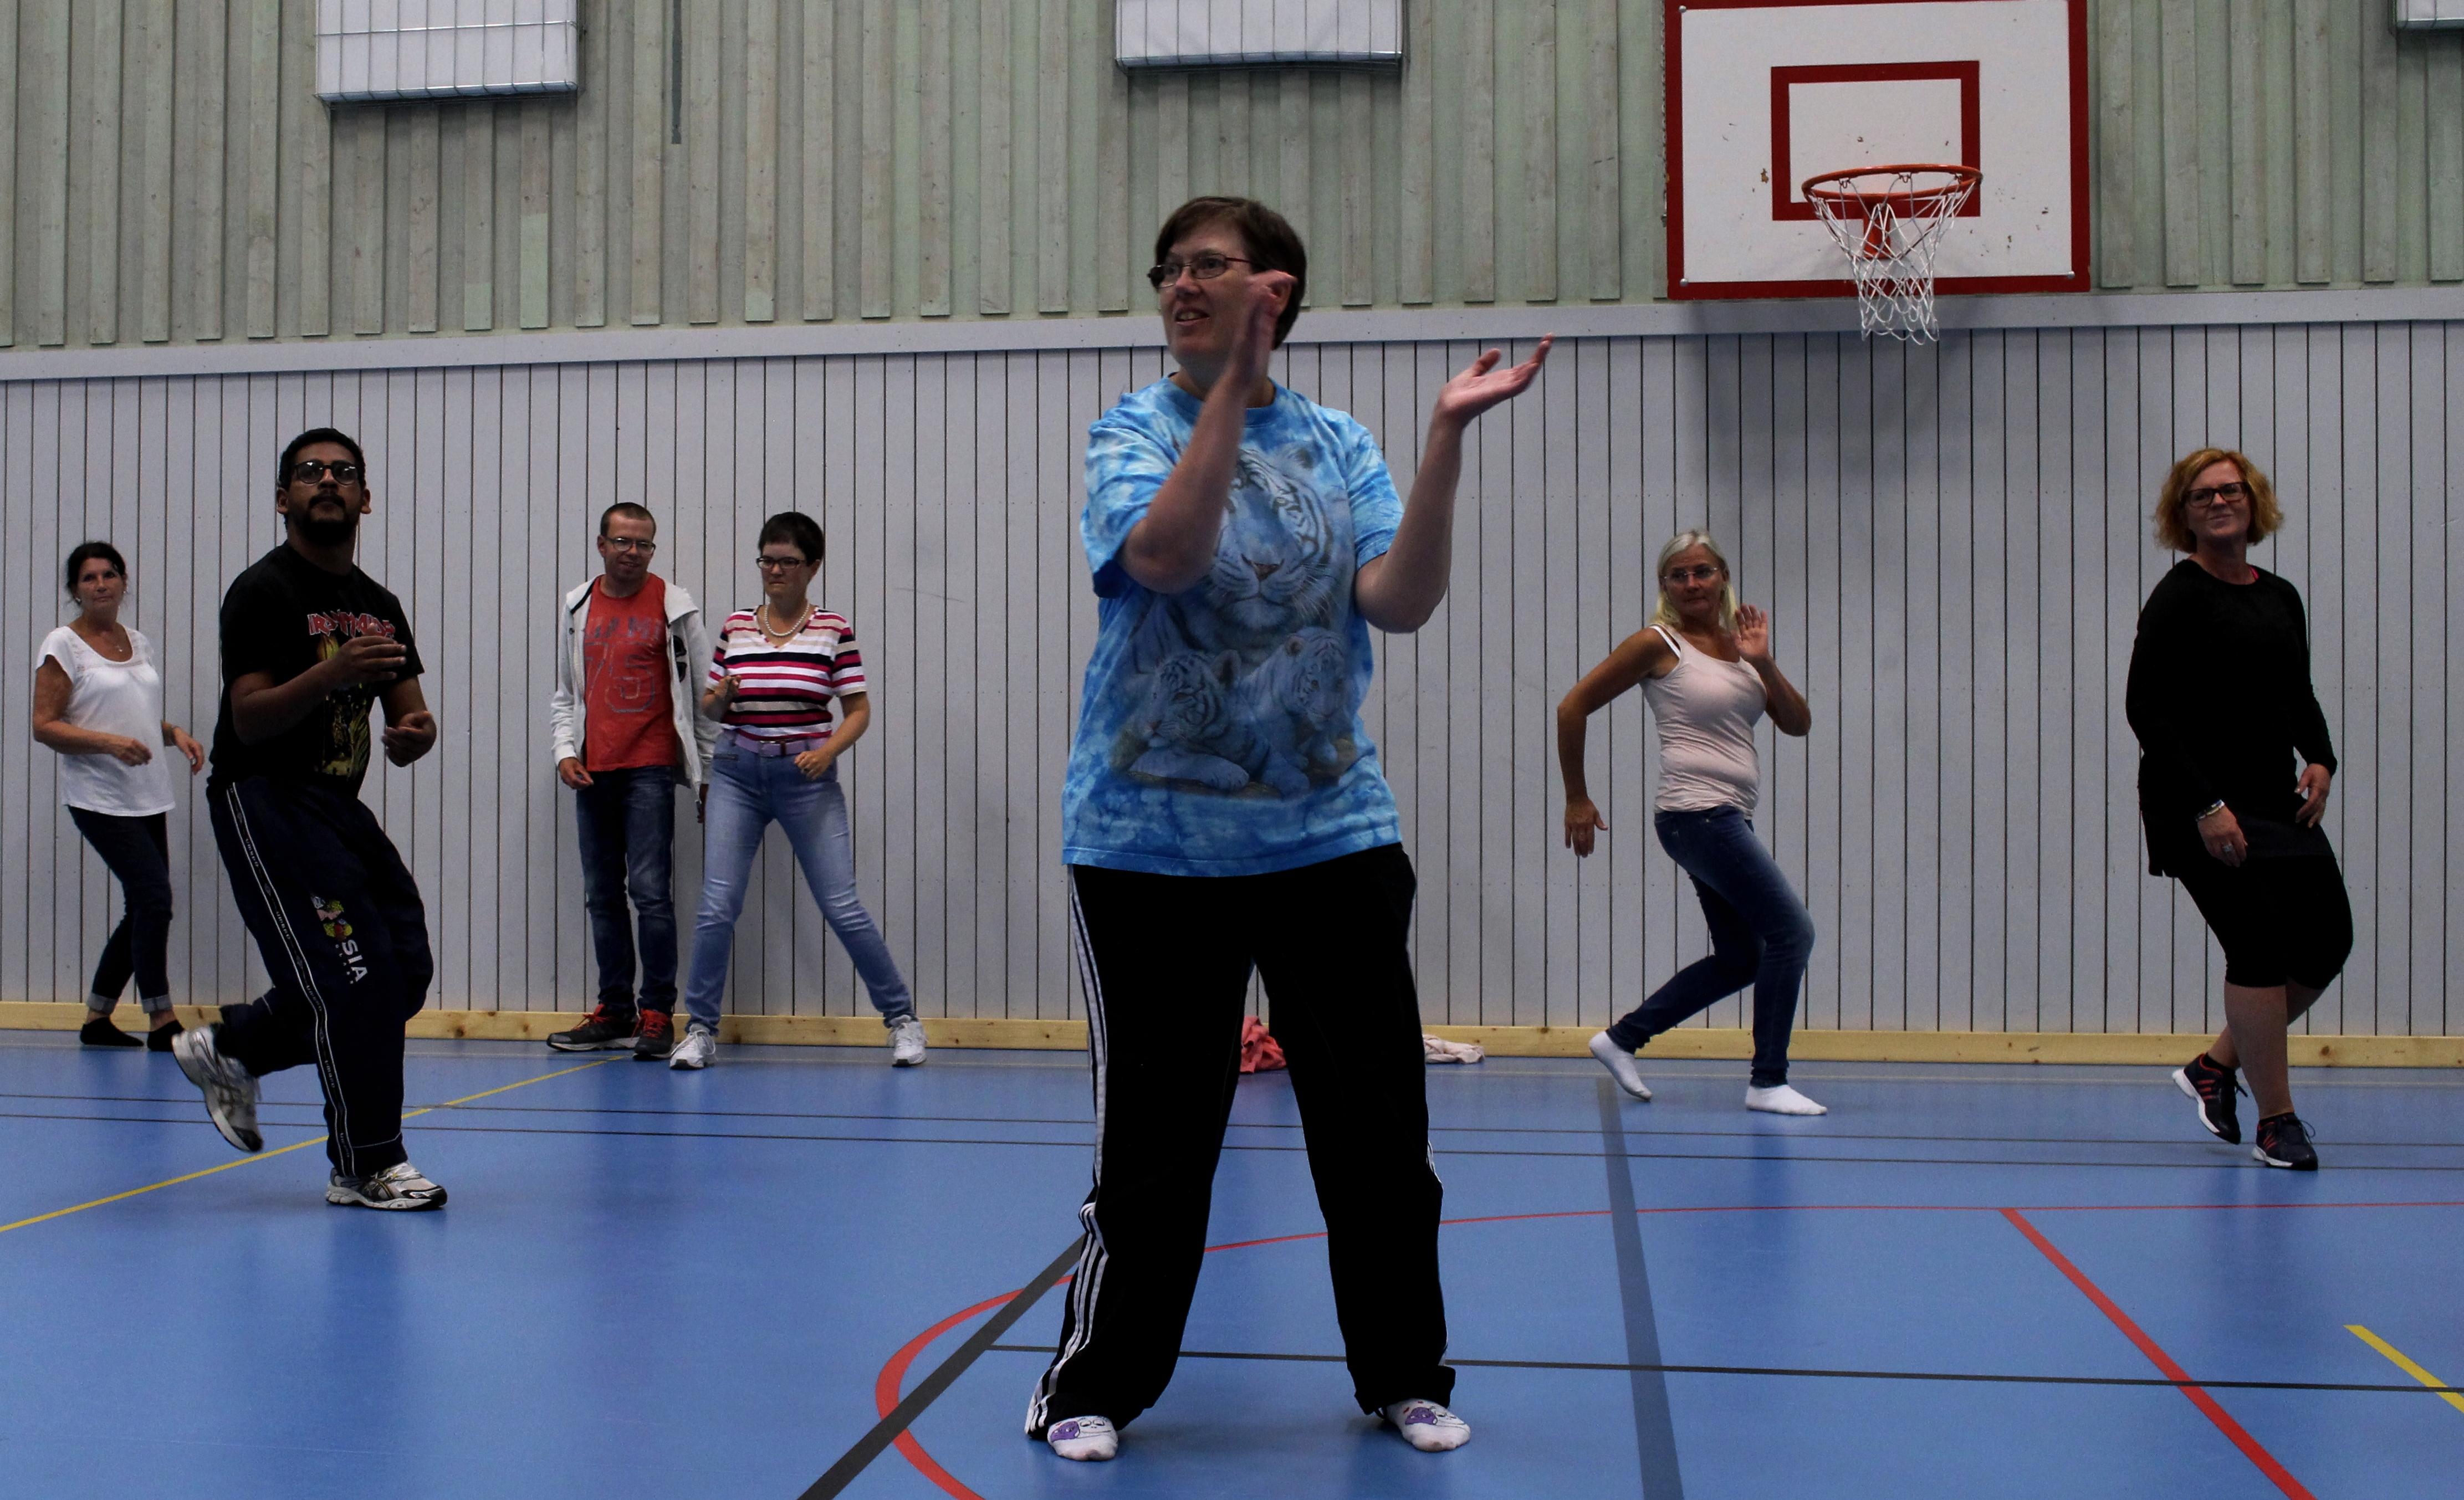 Gruppen dansar fuego